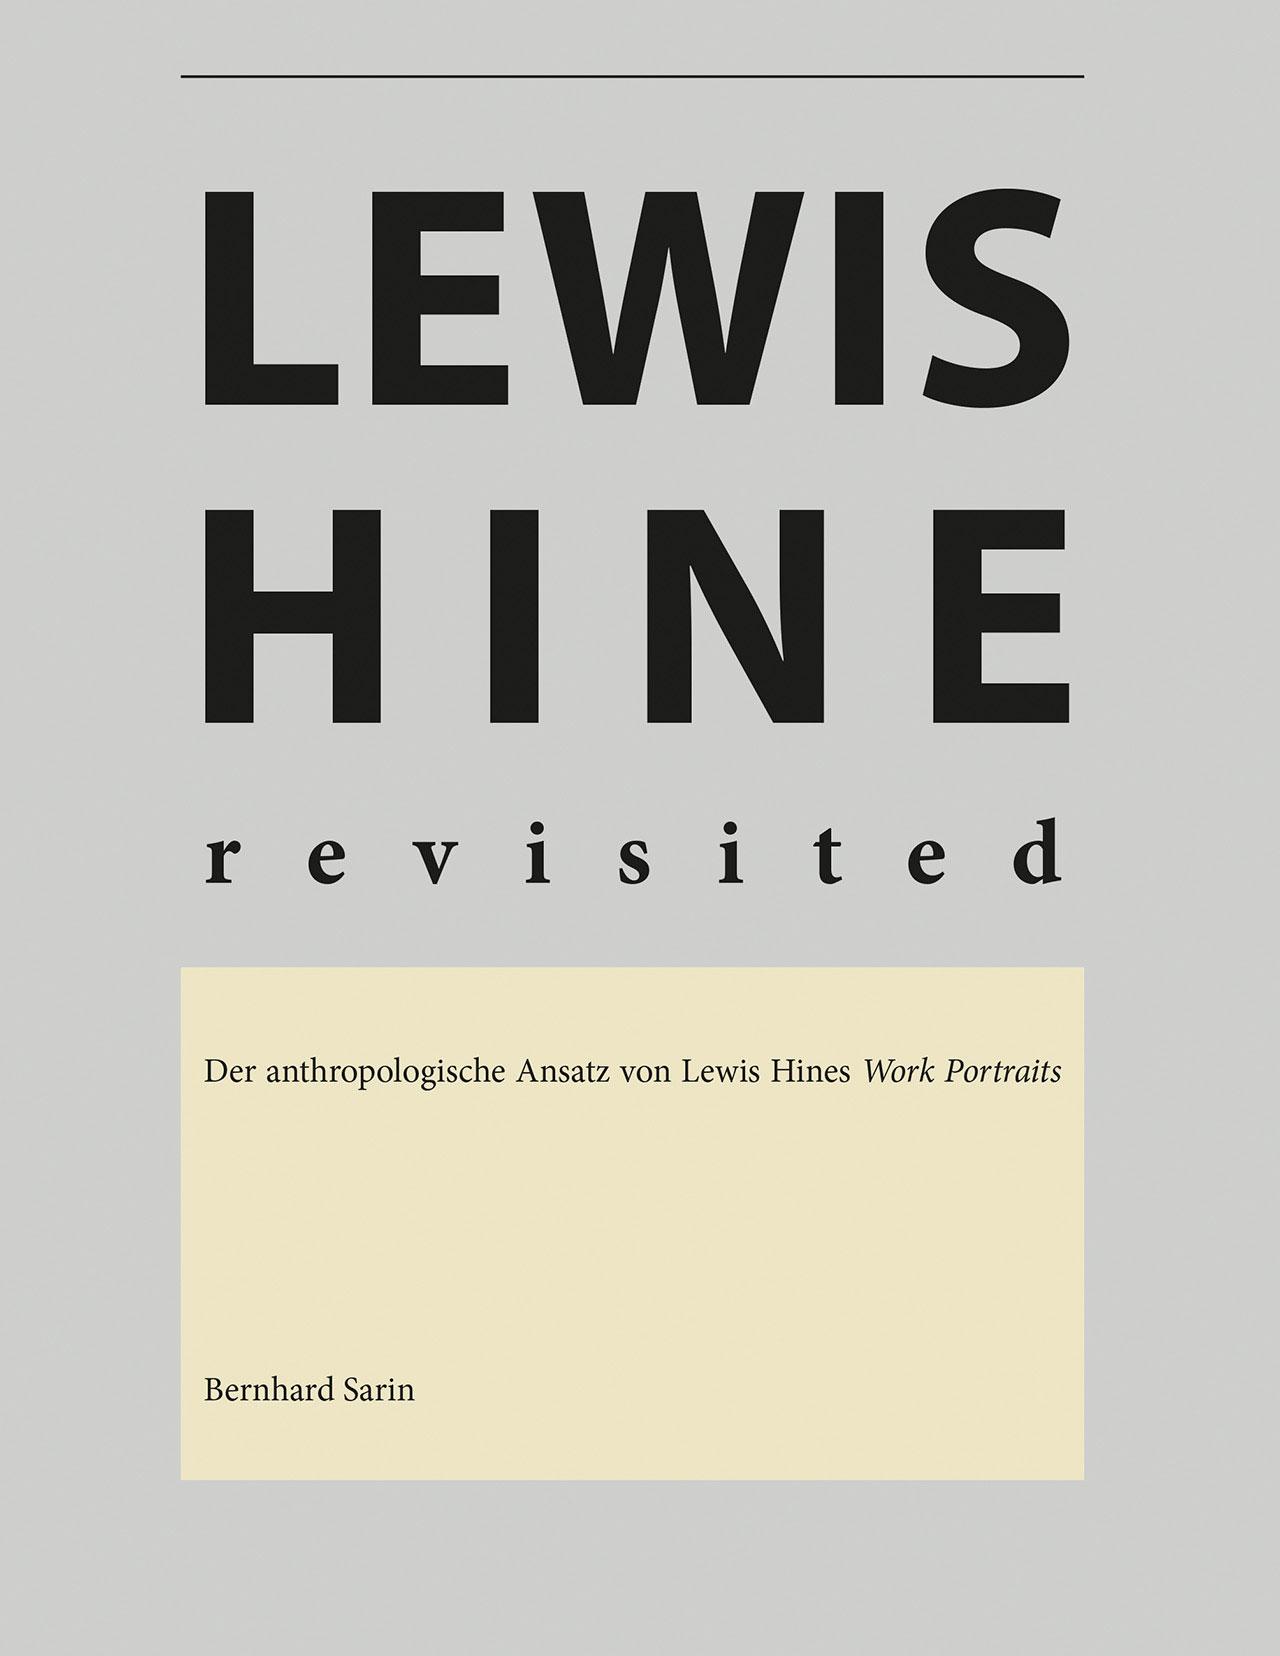 Cover von: Bernhard Sarin. Lewis Hine revisited. BoD - Books on